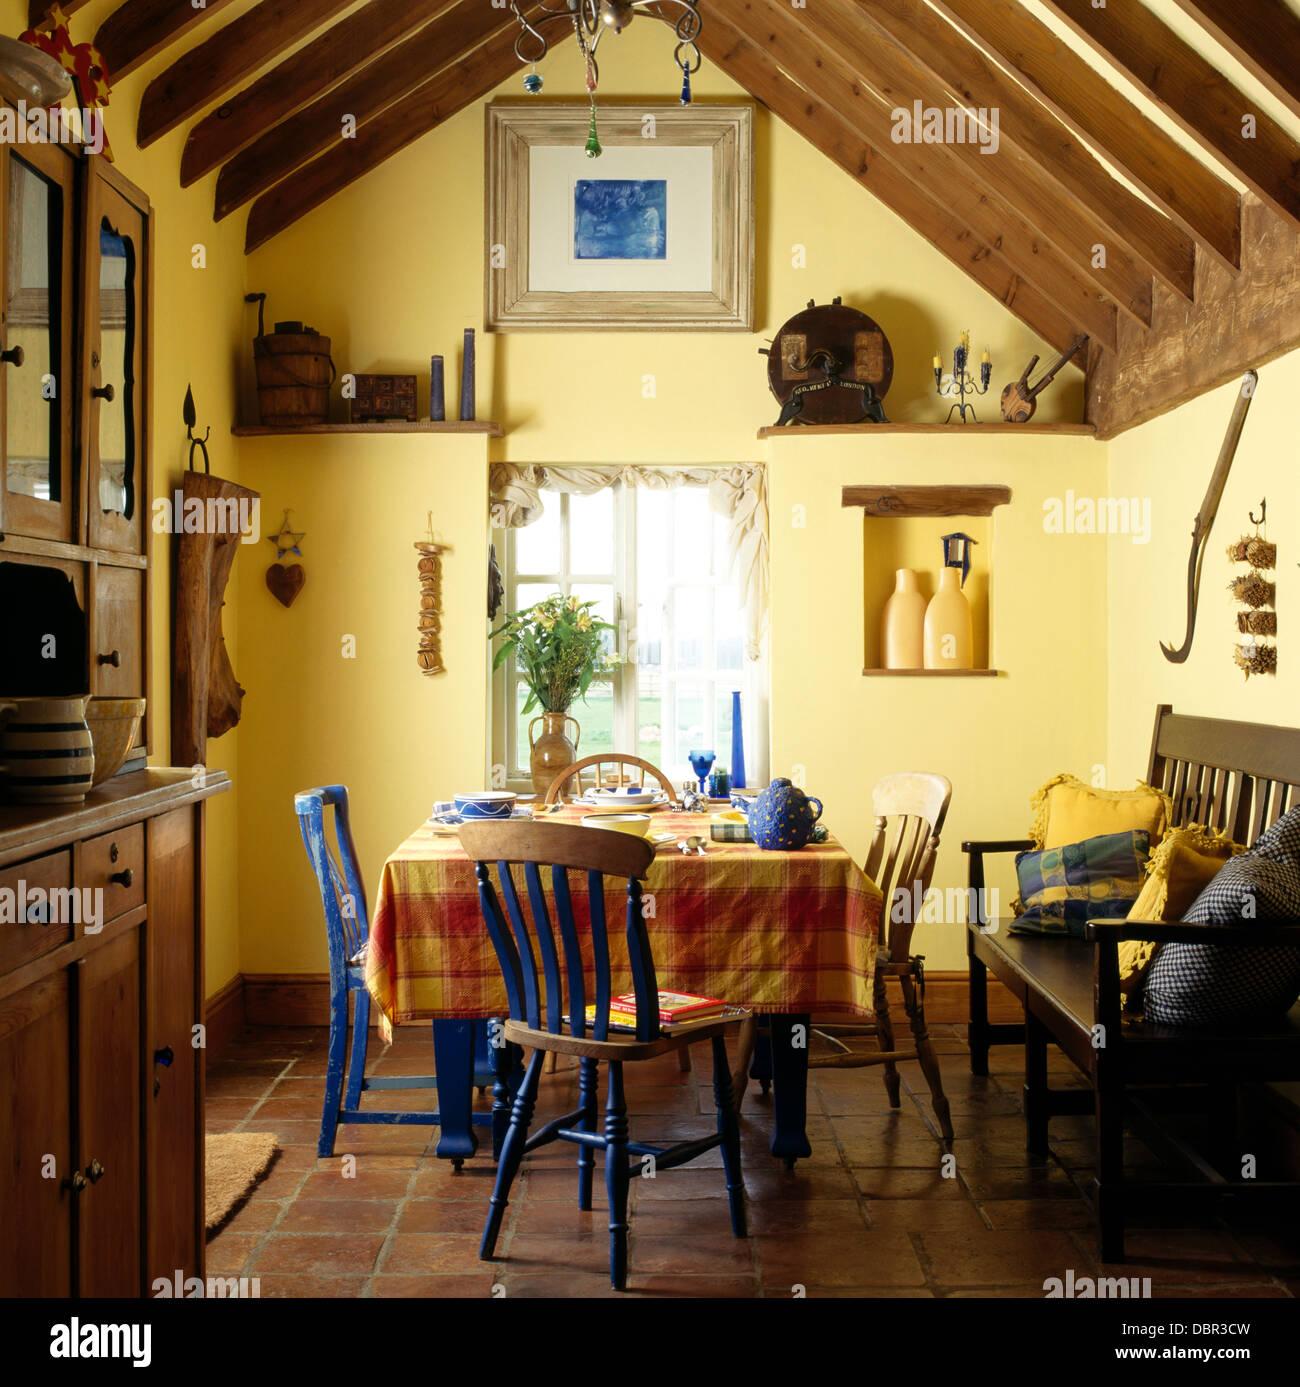 peint bleu table avec chaises tissu orange vrifi en pays salle manger avec poutres apparentes au plafond et de rgler lapex